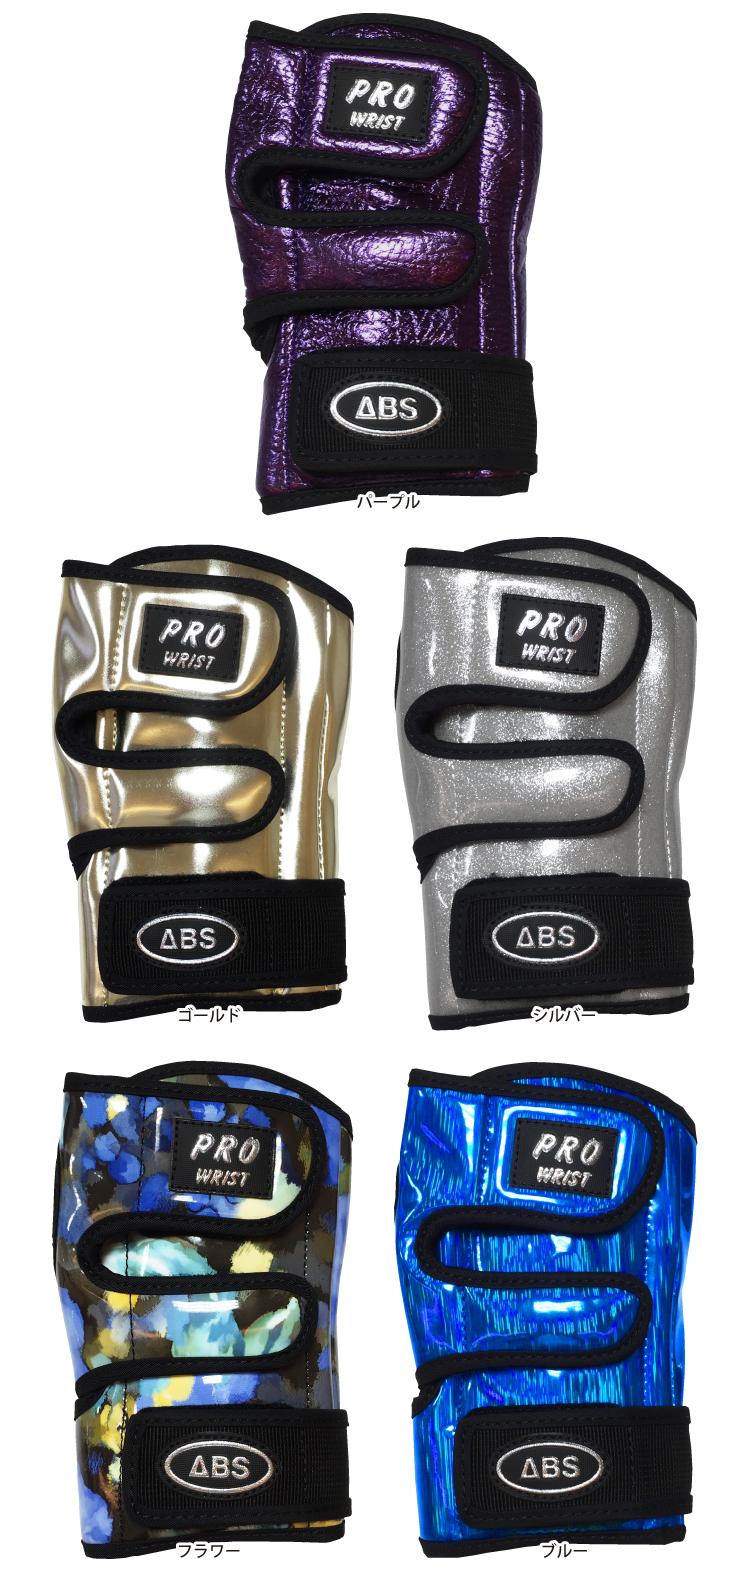 ボウリンググローブ ABS プロリスト フタバ限定カラー第6弾